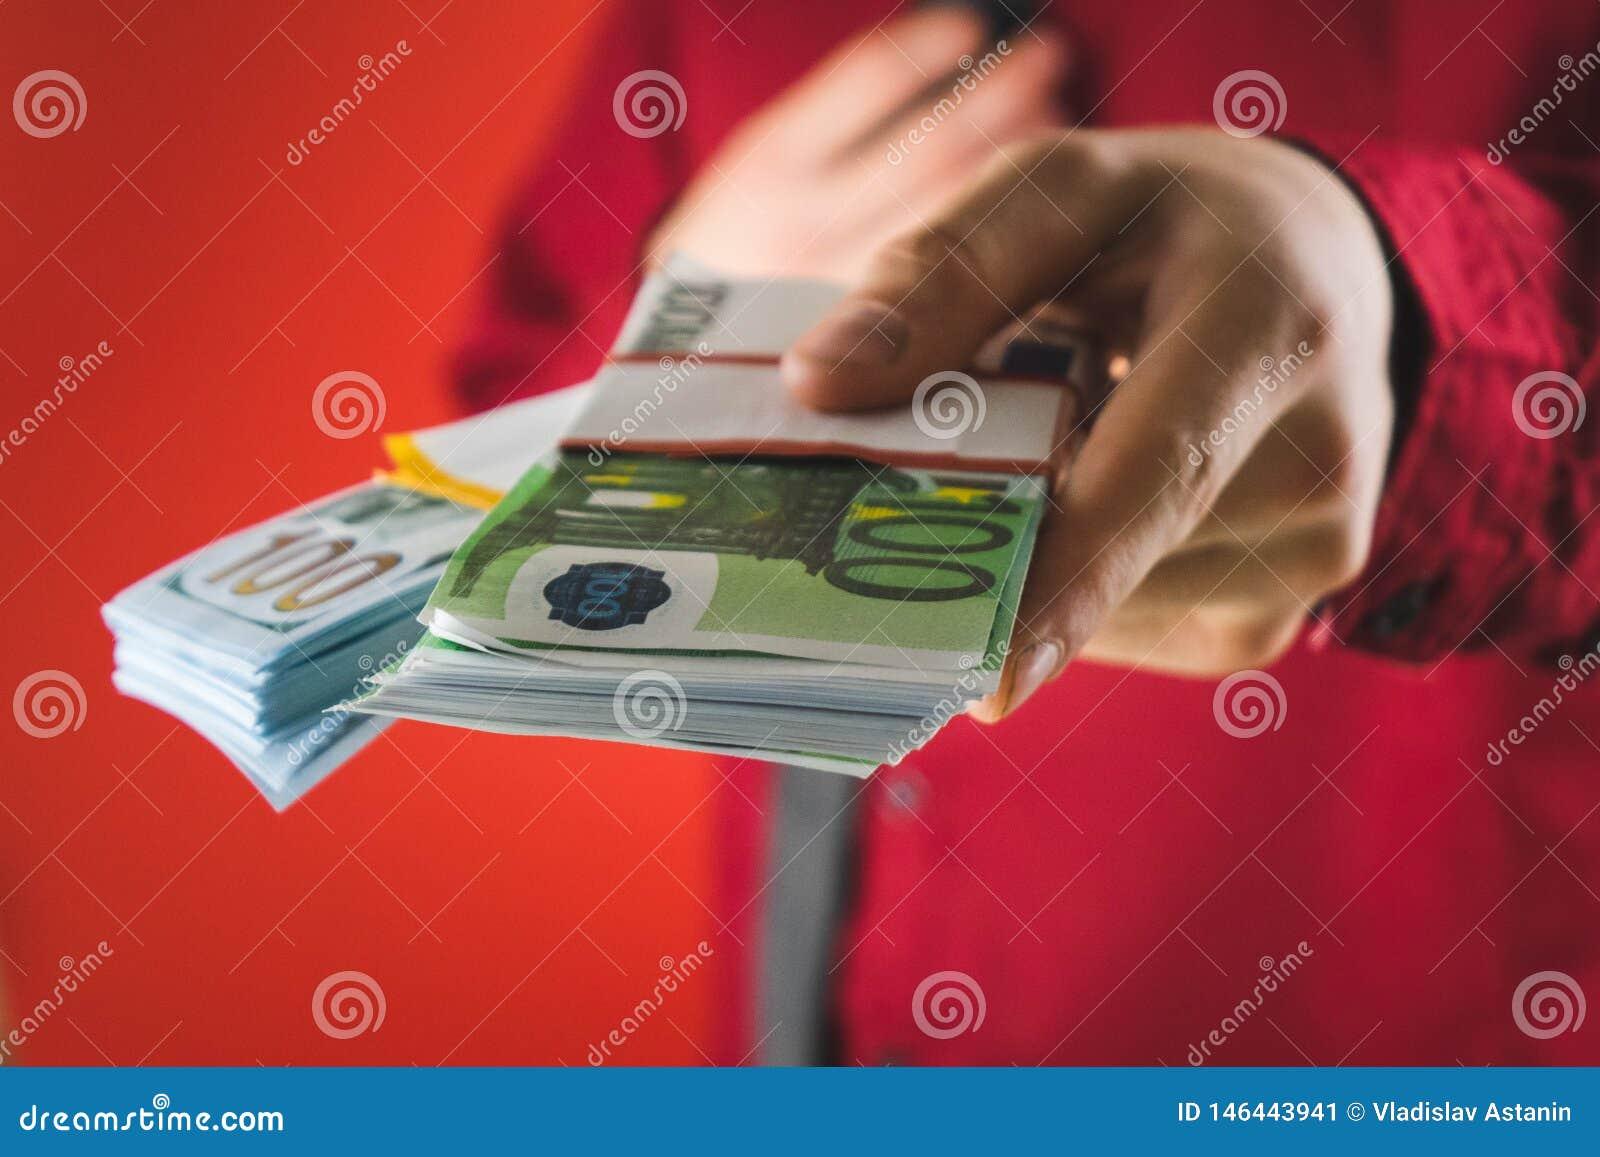 Un homme dans une chemise rouge avec une carte tient dans sa main un bouchon des factures sur un fond rouge